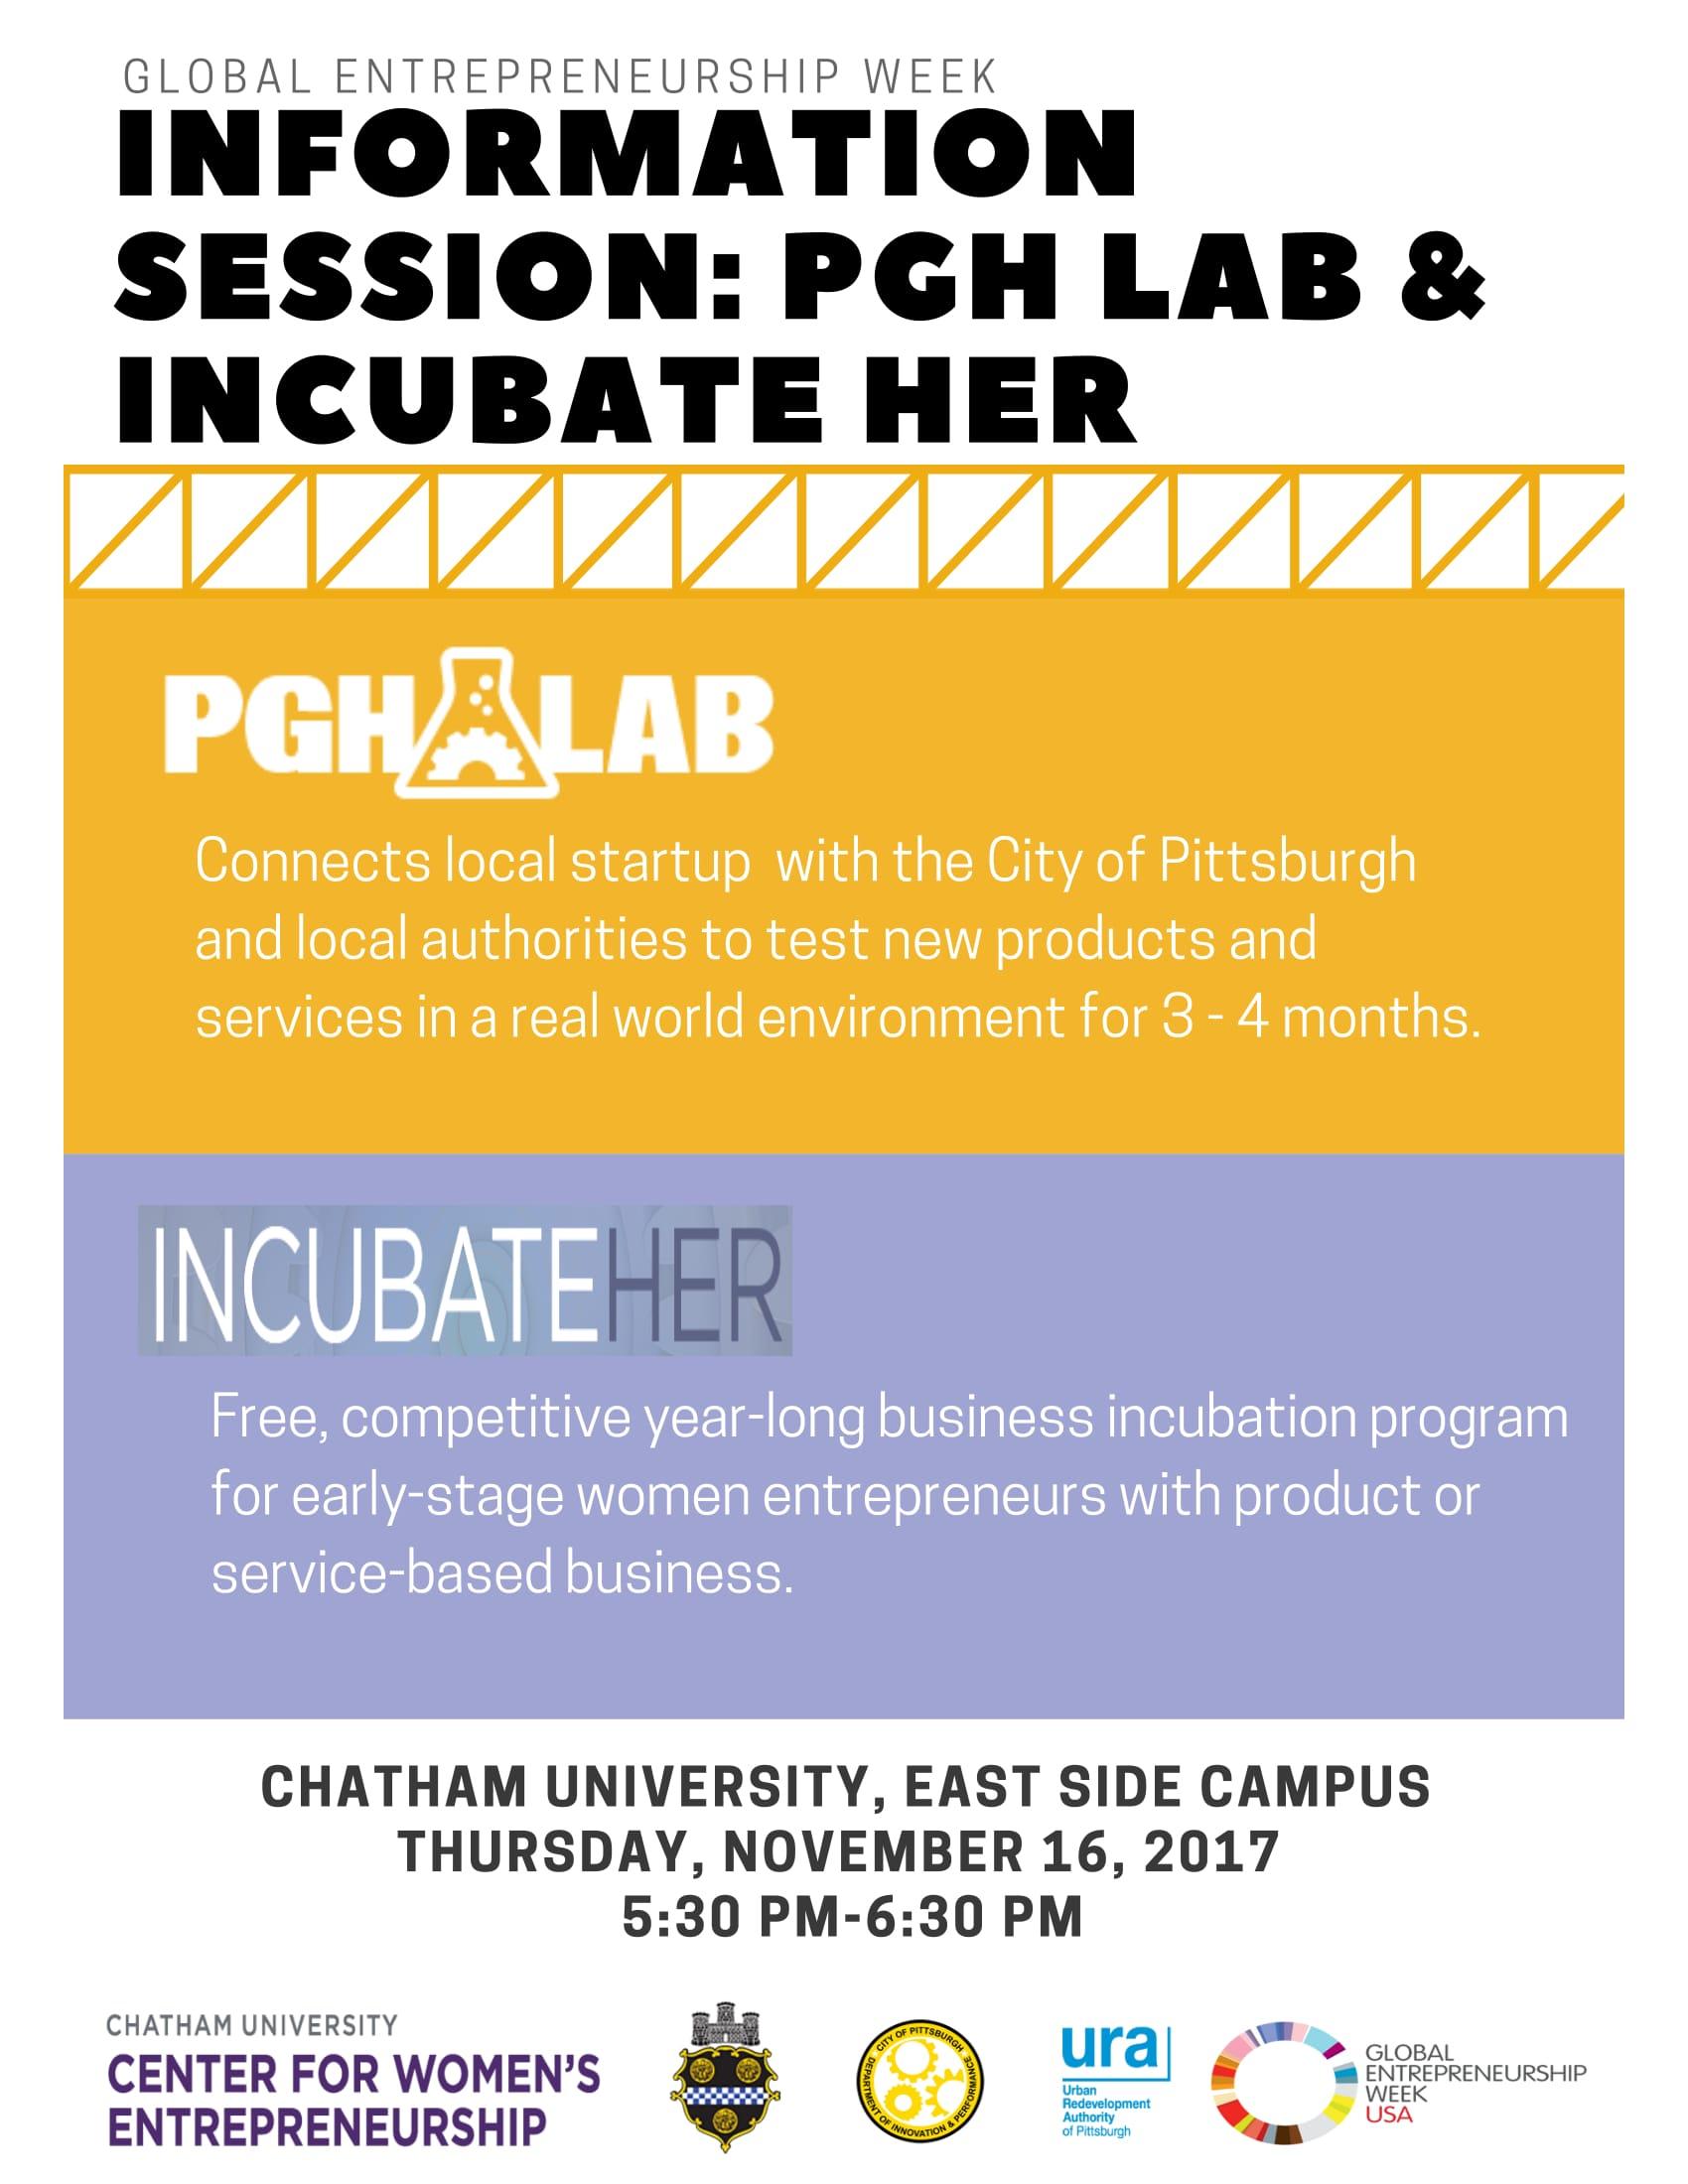 CWE Event | Center for Women's Entrepreneurship | Chatham